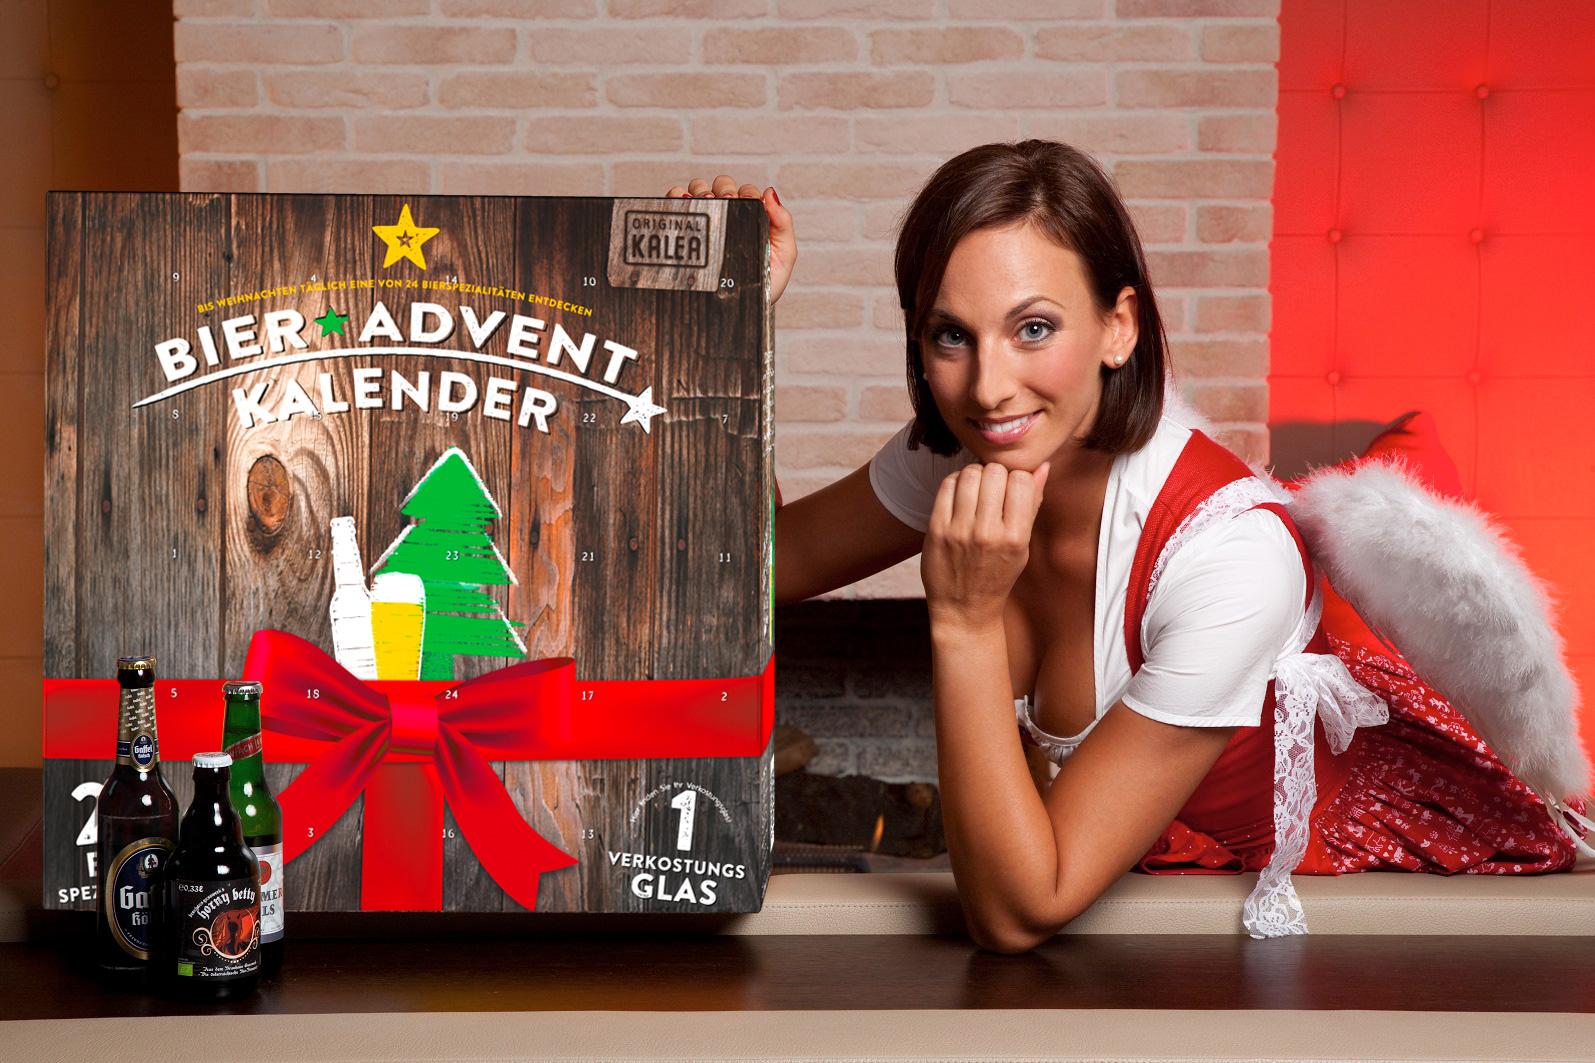 Der Bierkalender von Kalea (Foto: Kalea GmbH.)